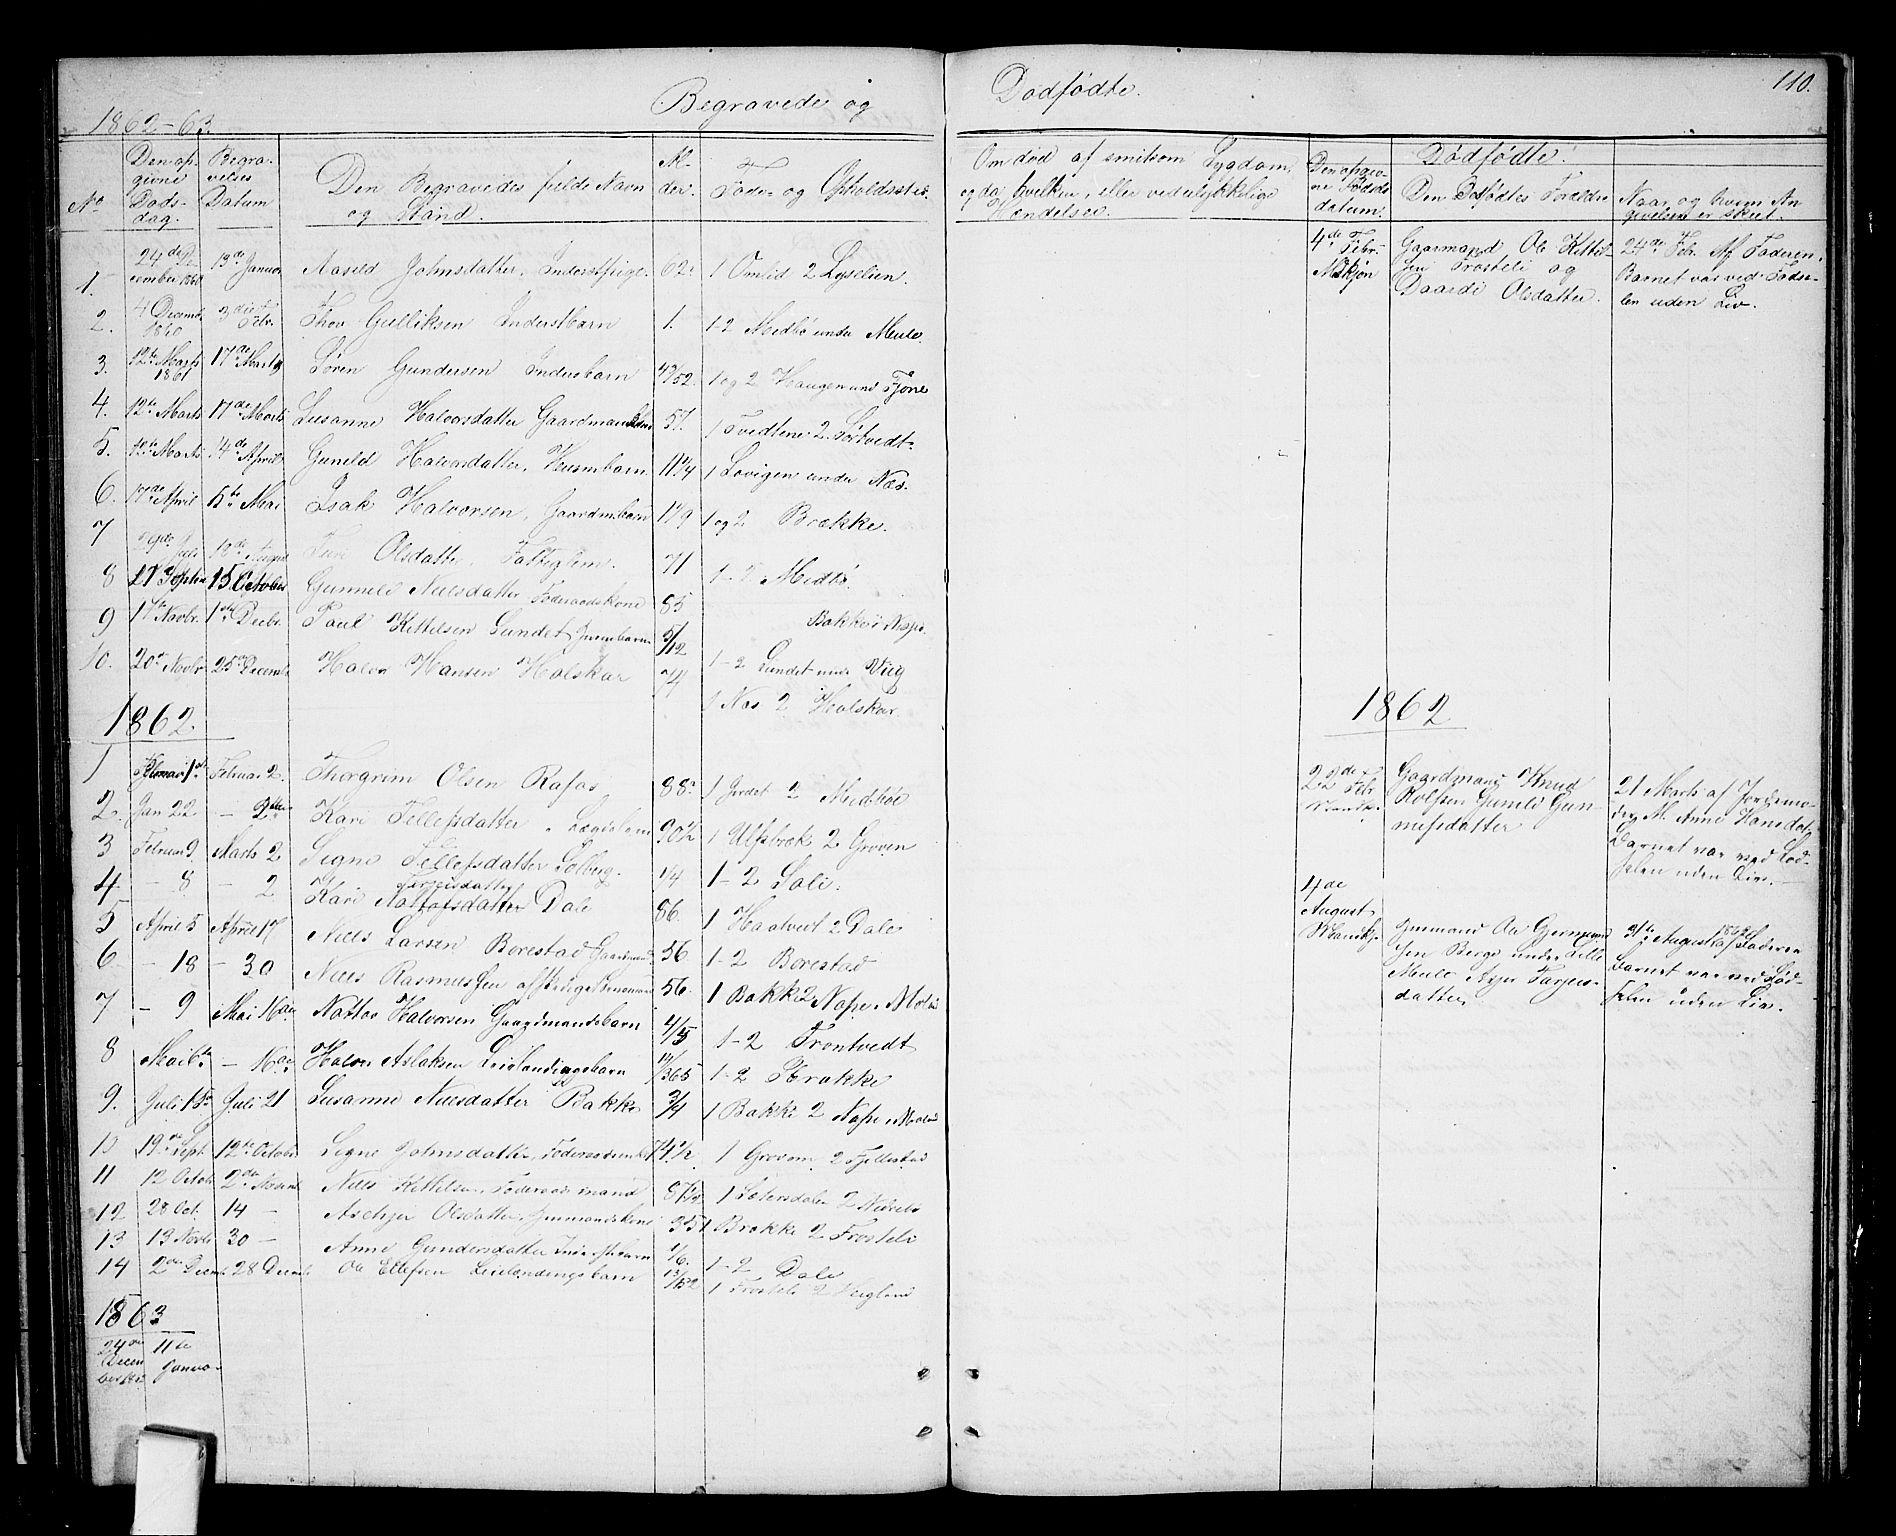 SAKO, Nissedal kirkebøker, G/Ga/L0002: Klokkerbok nr. I 2, 1861-1887, s. 110